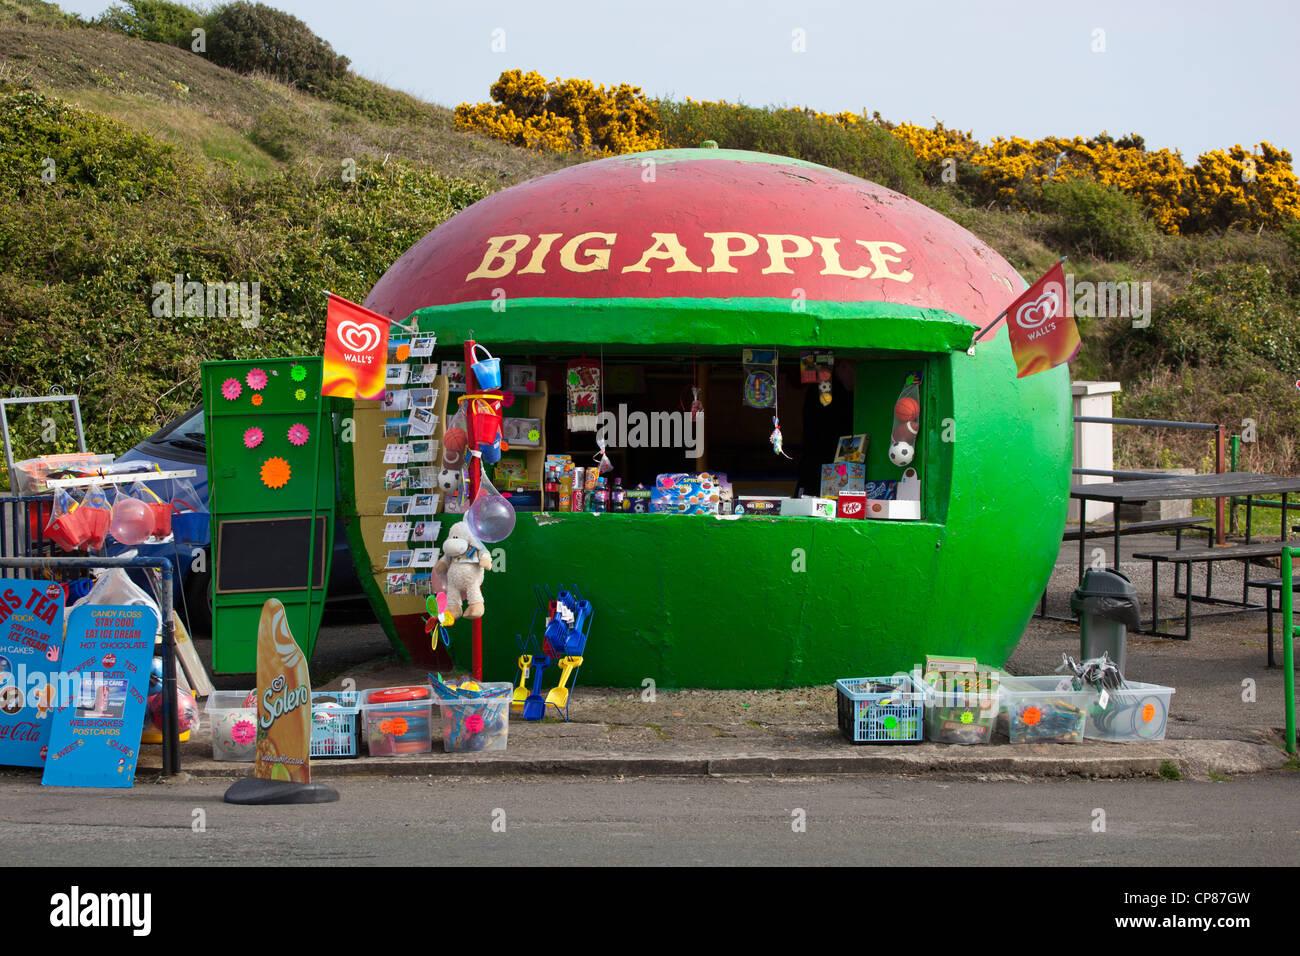 Big Apple Cafe et Sweet Shop dans Mumbles Swansea Pays de Galles du Sud Photo Stock